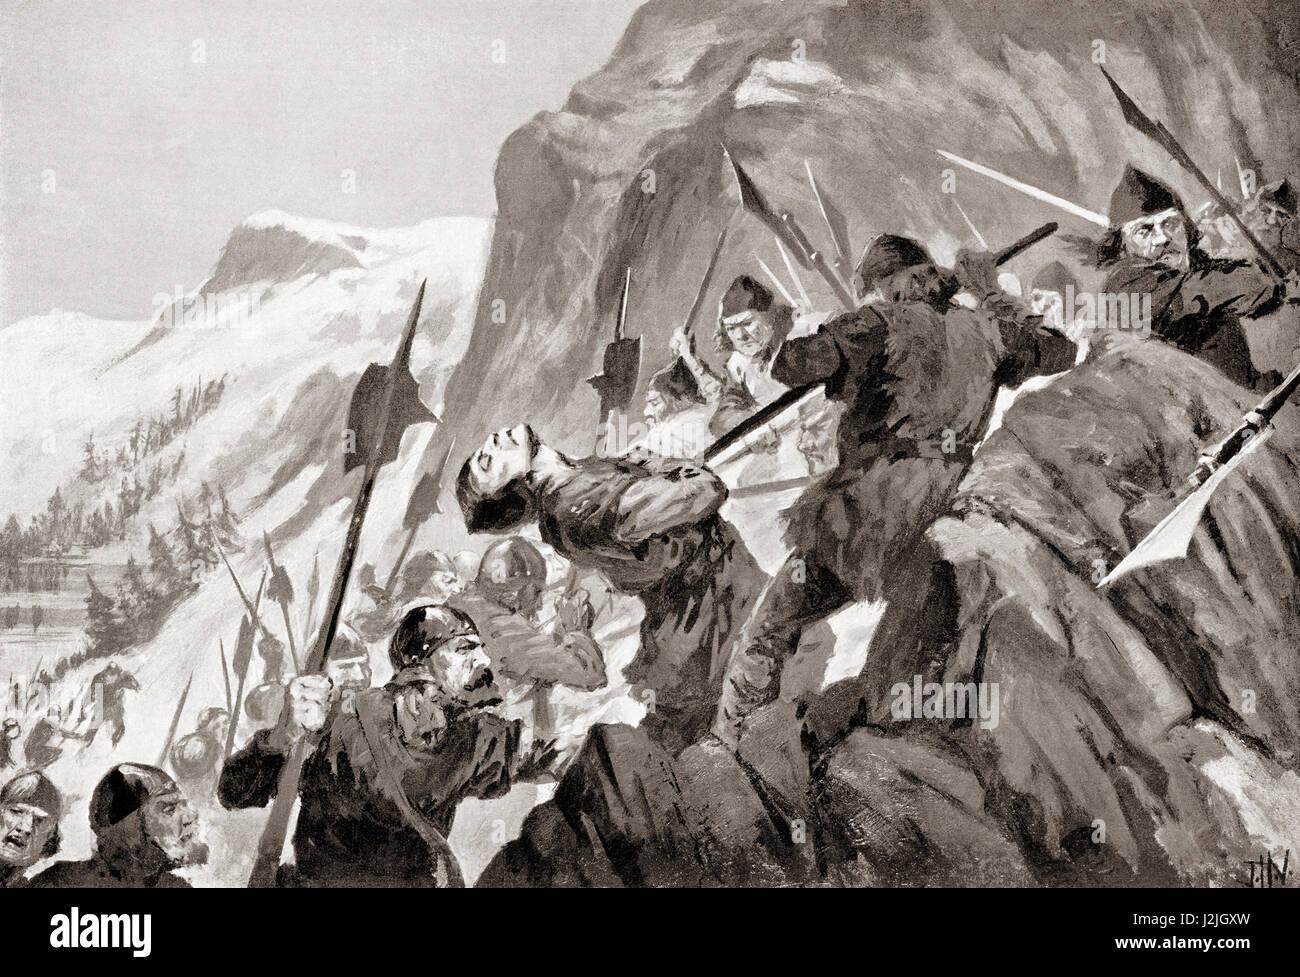 La batalla de morgarten, morgarten pass, Suiza, 15 de noviembre de 1315, entre la Confederación Suiza y soldados Imagen De Stock